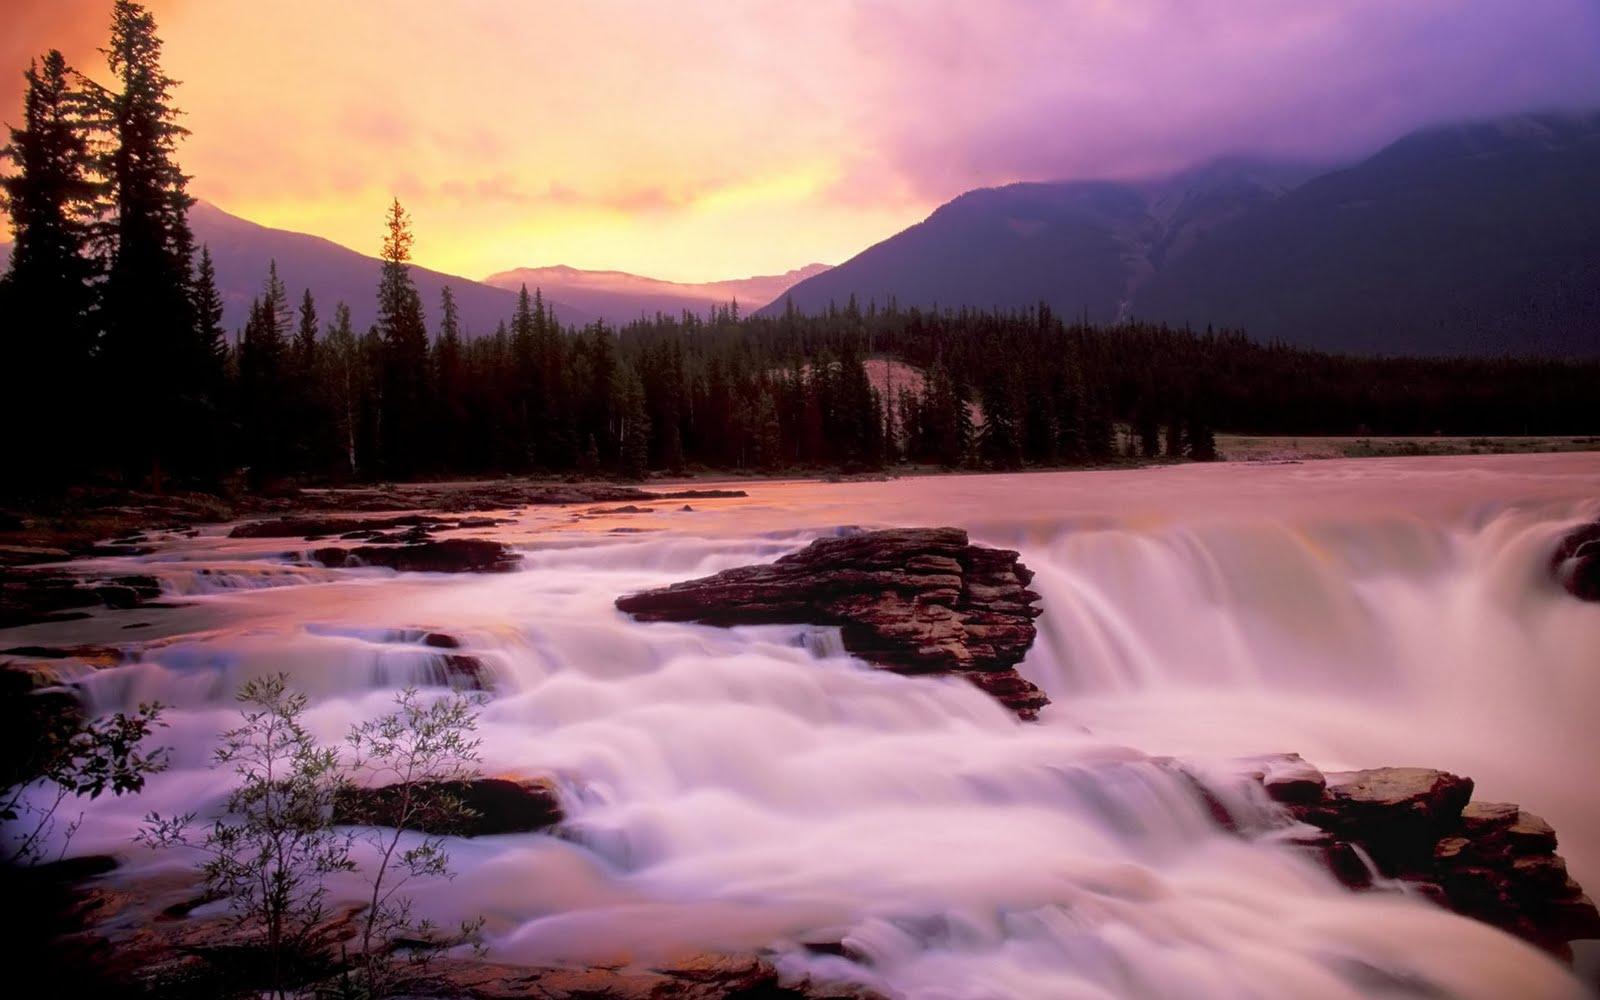 http://1.bp.blogspot.com/-MbF-C3WbDiY/TjBiMfV5W7I/AAAAAAAABYw/9TOeNuk8D_4/s1600/jasper-national-park-alberta-canada-nature-wallpaper-1920x1200-731.jpg